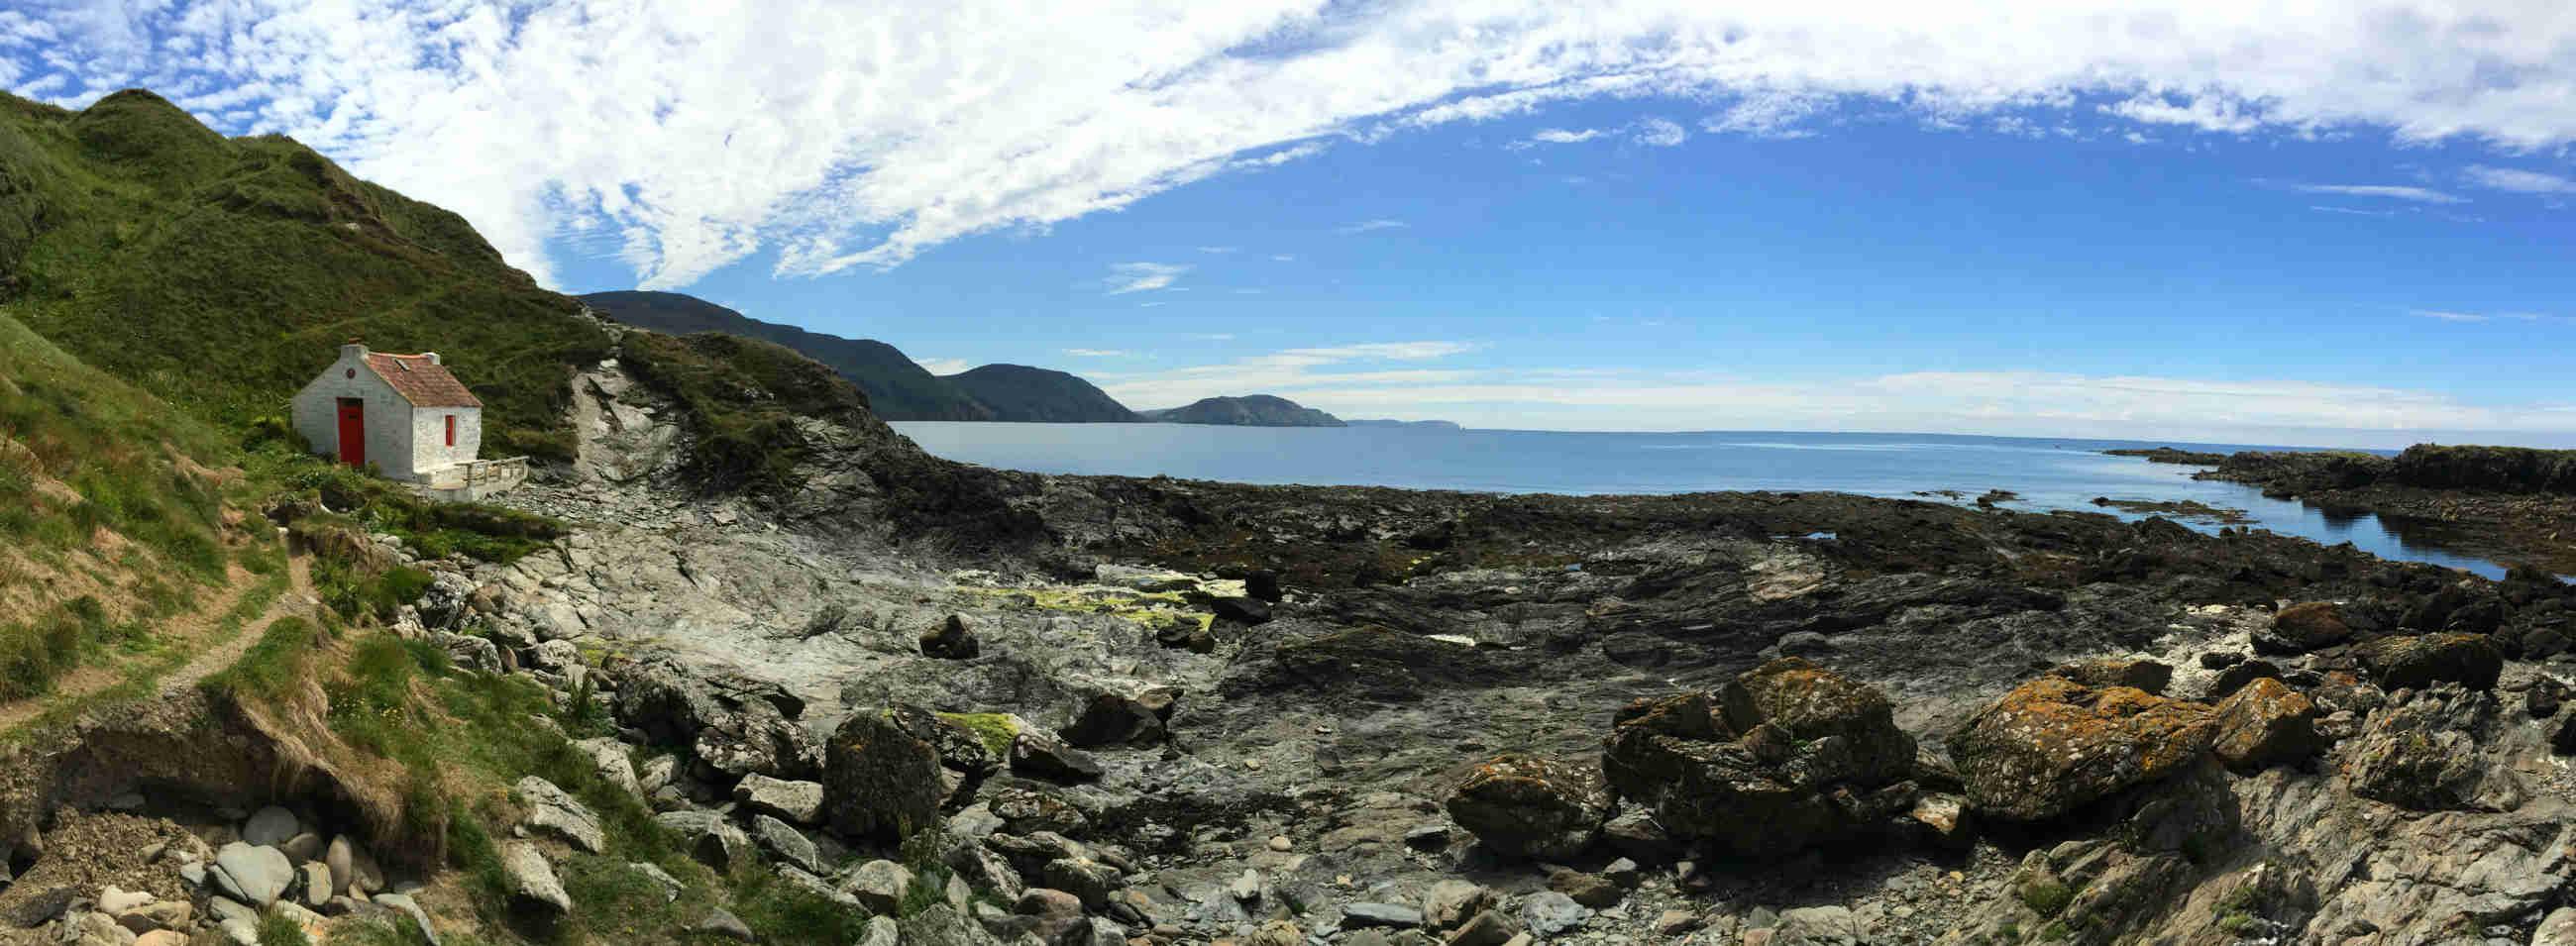 Isle of Man seascape